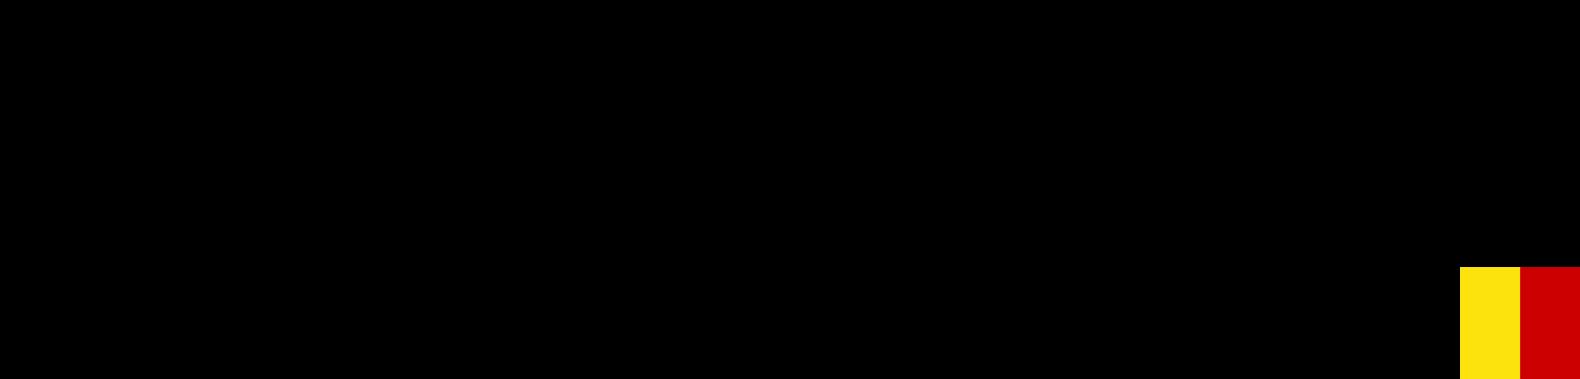 KAKKER